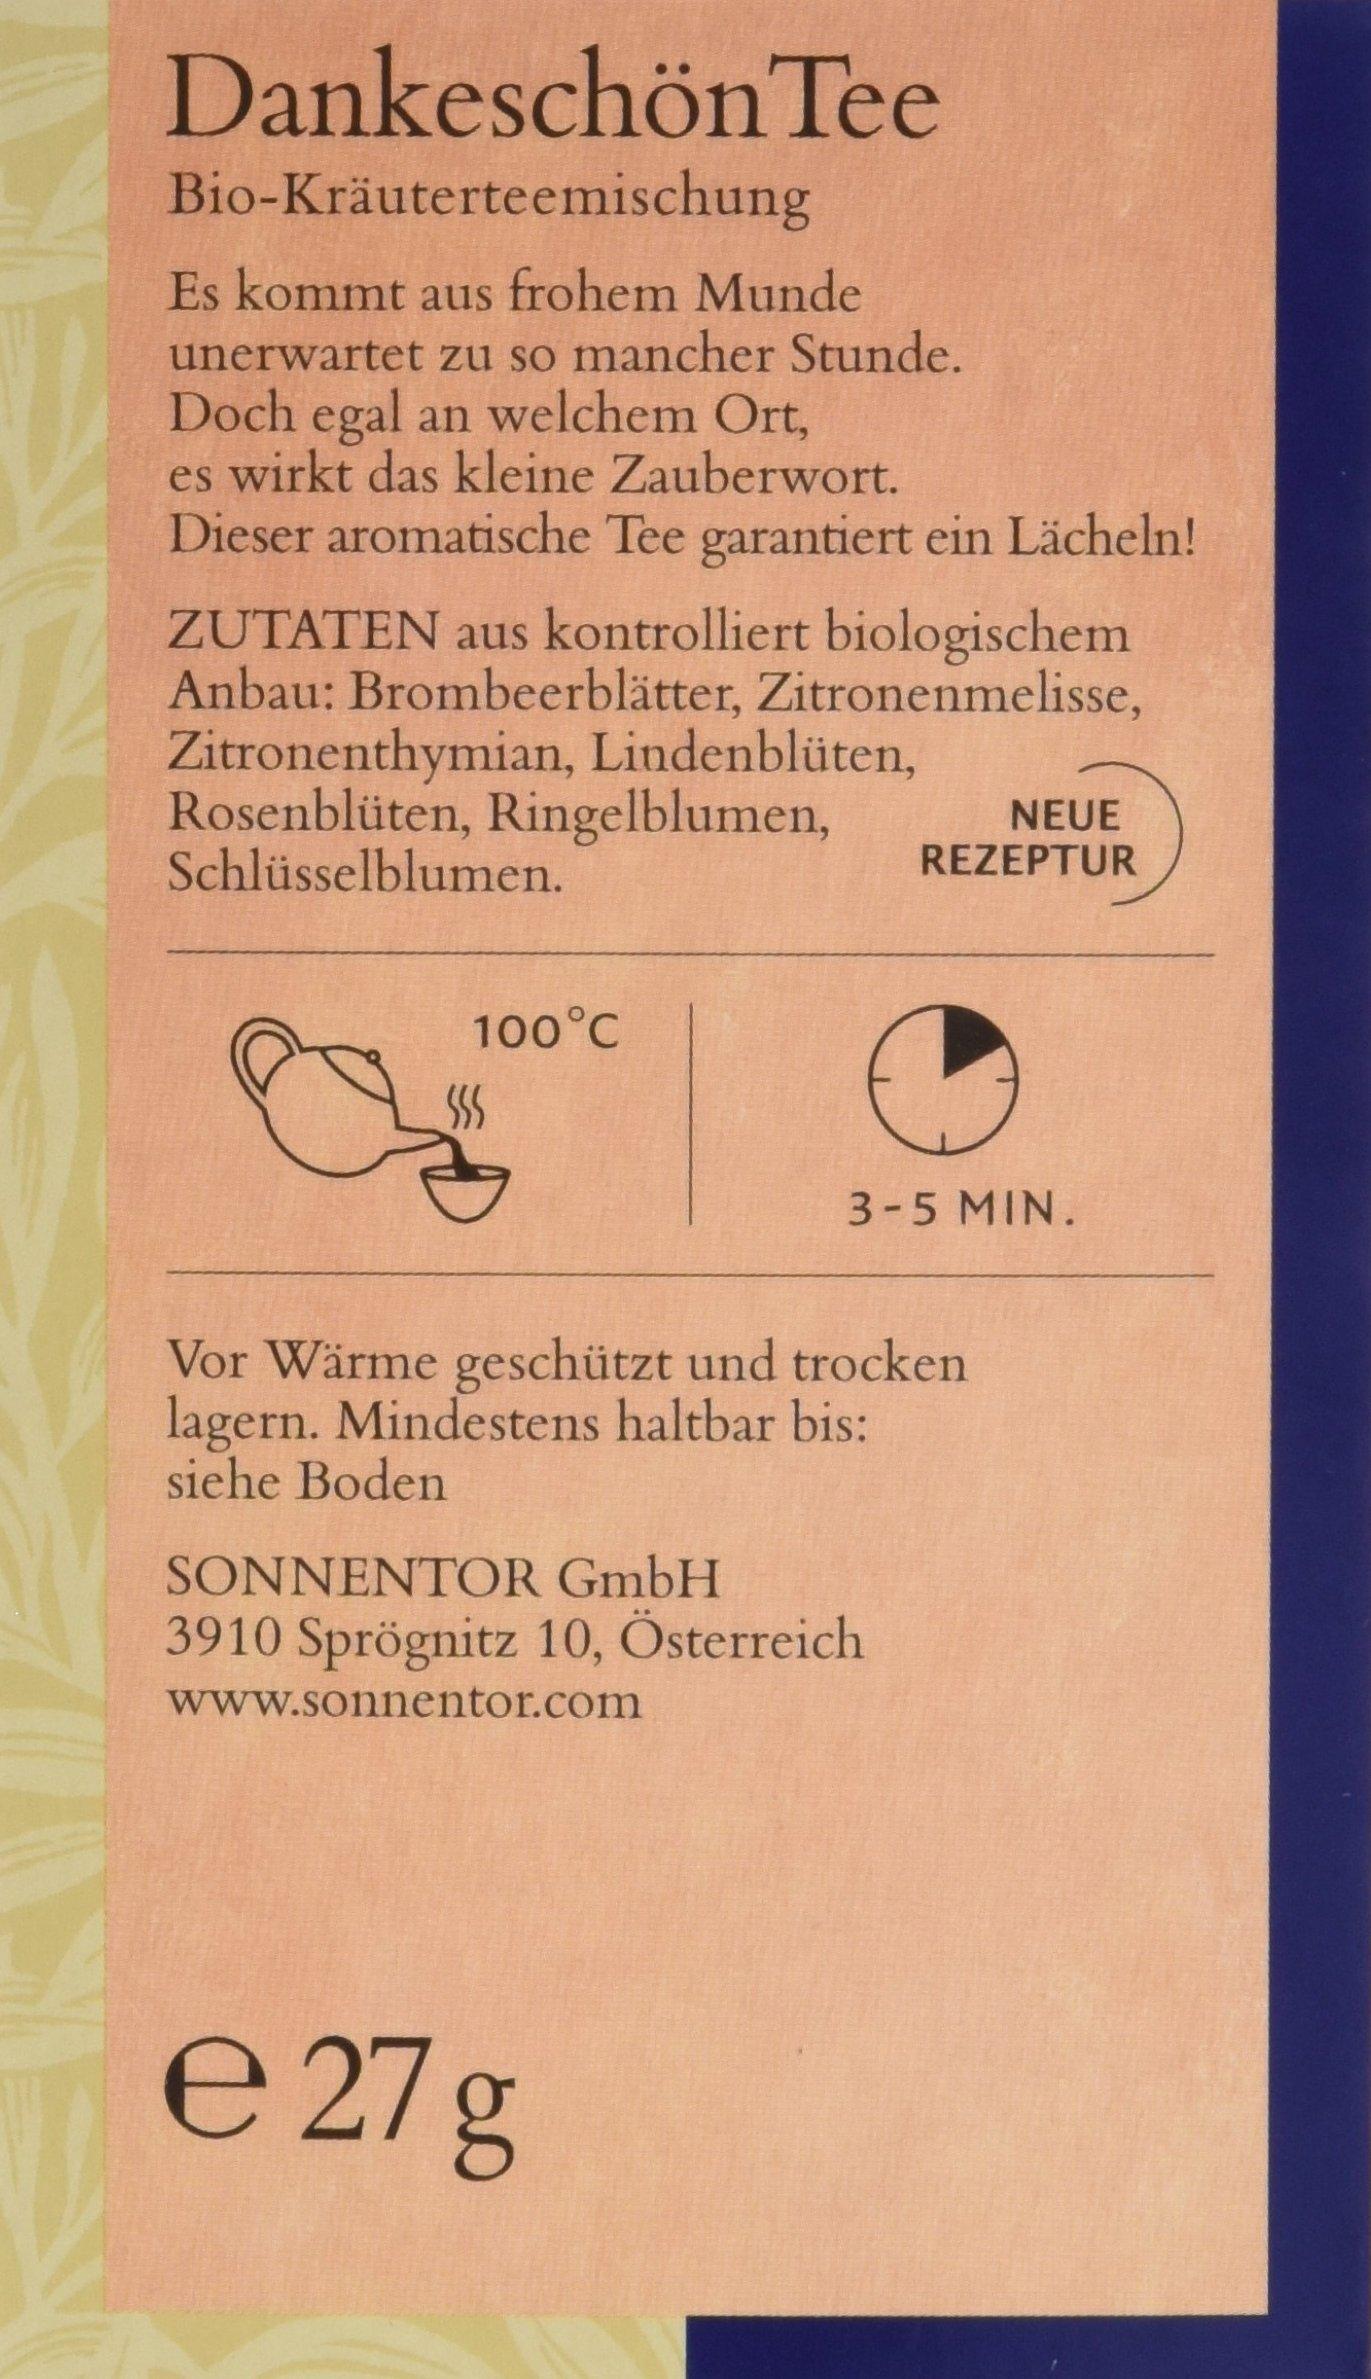 Sonnentor-Dankeschn-Krutertee-Doppelkammerbeutel-1er-Pack-1-x-27-g-Bio